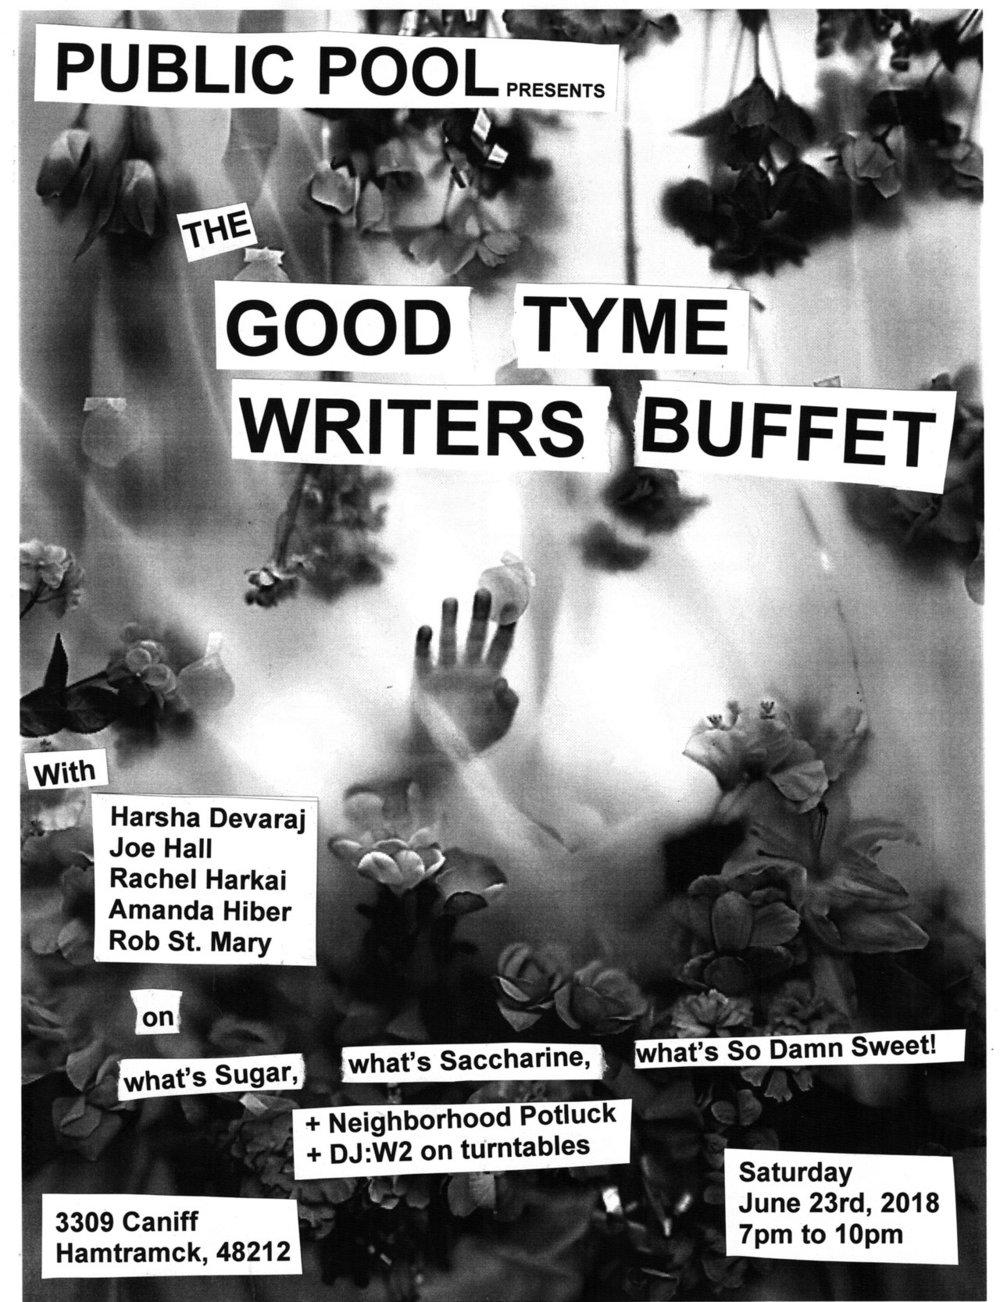 good tyme buffet